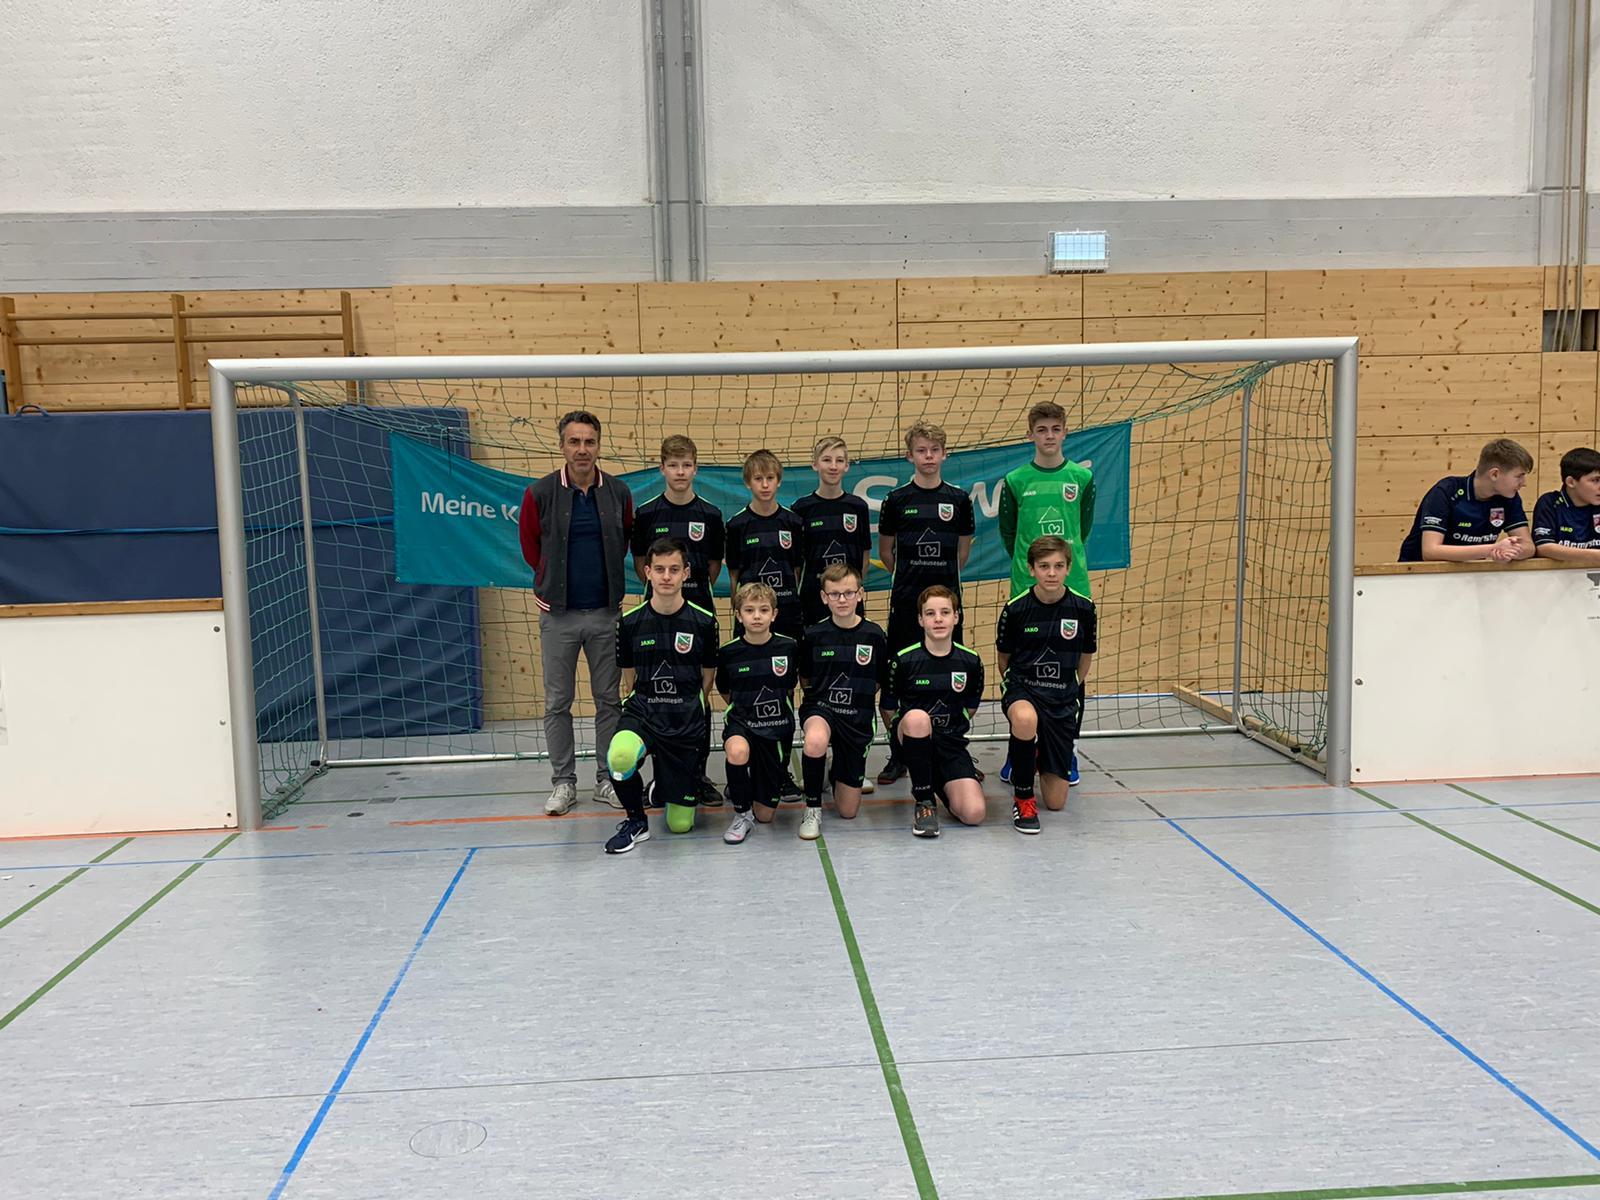 C-Junioren - SV Rheinbreitbach - Süwag Hallencup 2020